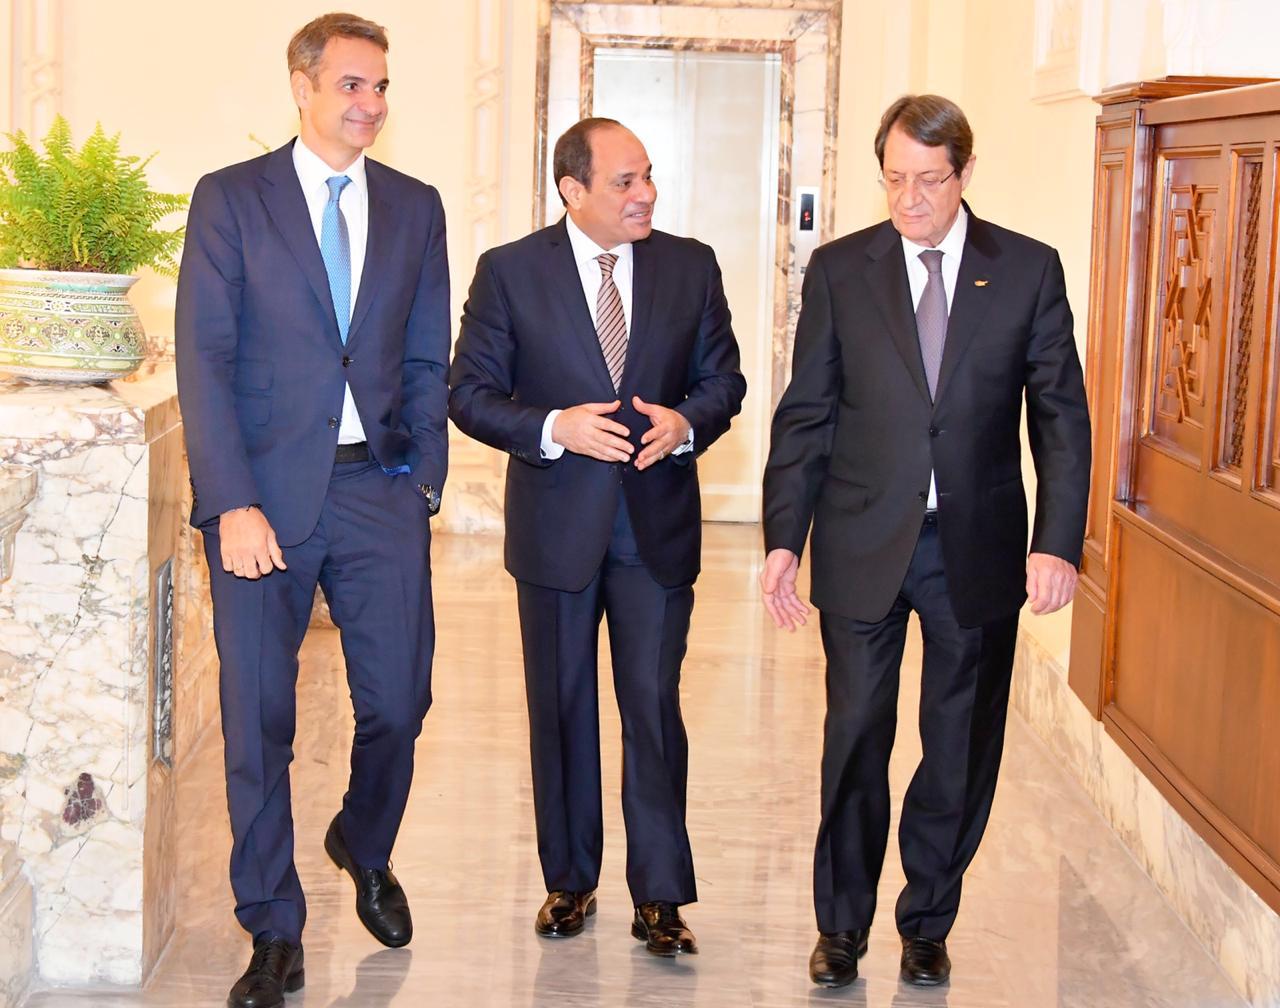 الرئيس السيسي يتوسط كيرياكوس ميتسوتاكيس رئيس وزراء اليونان وونيكوس أناستاسيازيس رئيس جمهورية قبرص